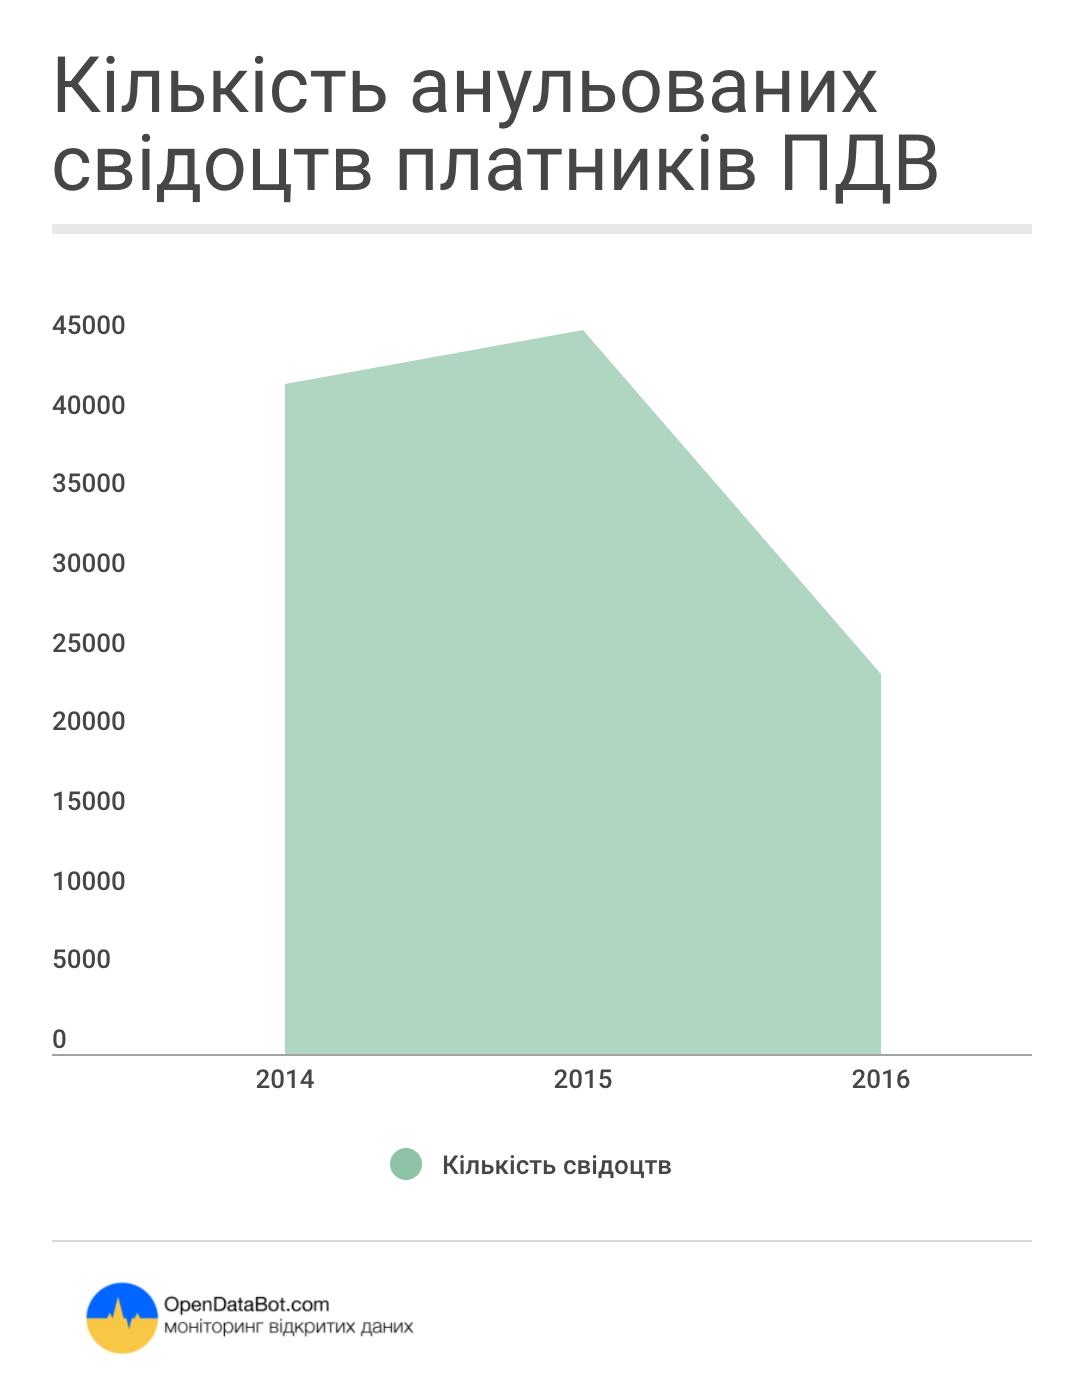 Кількість анульованних свідоцтв ПДВ